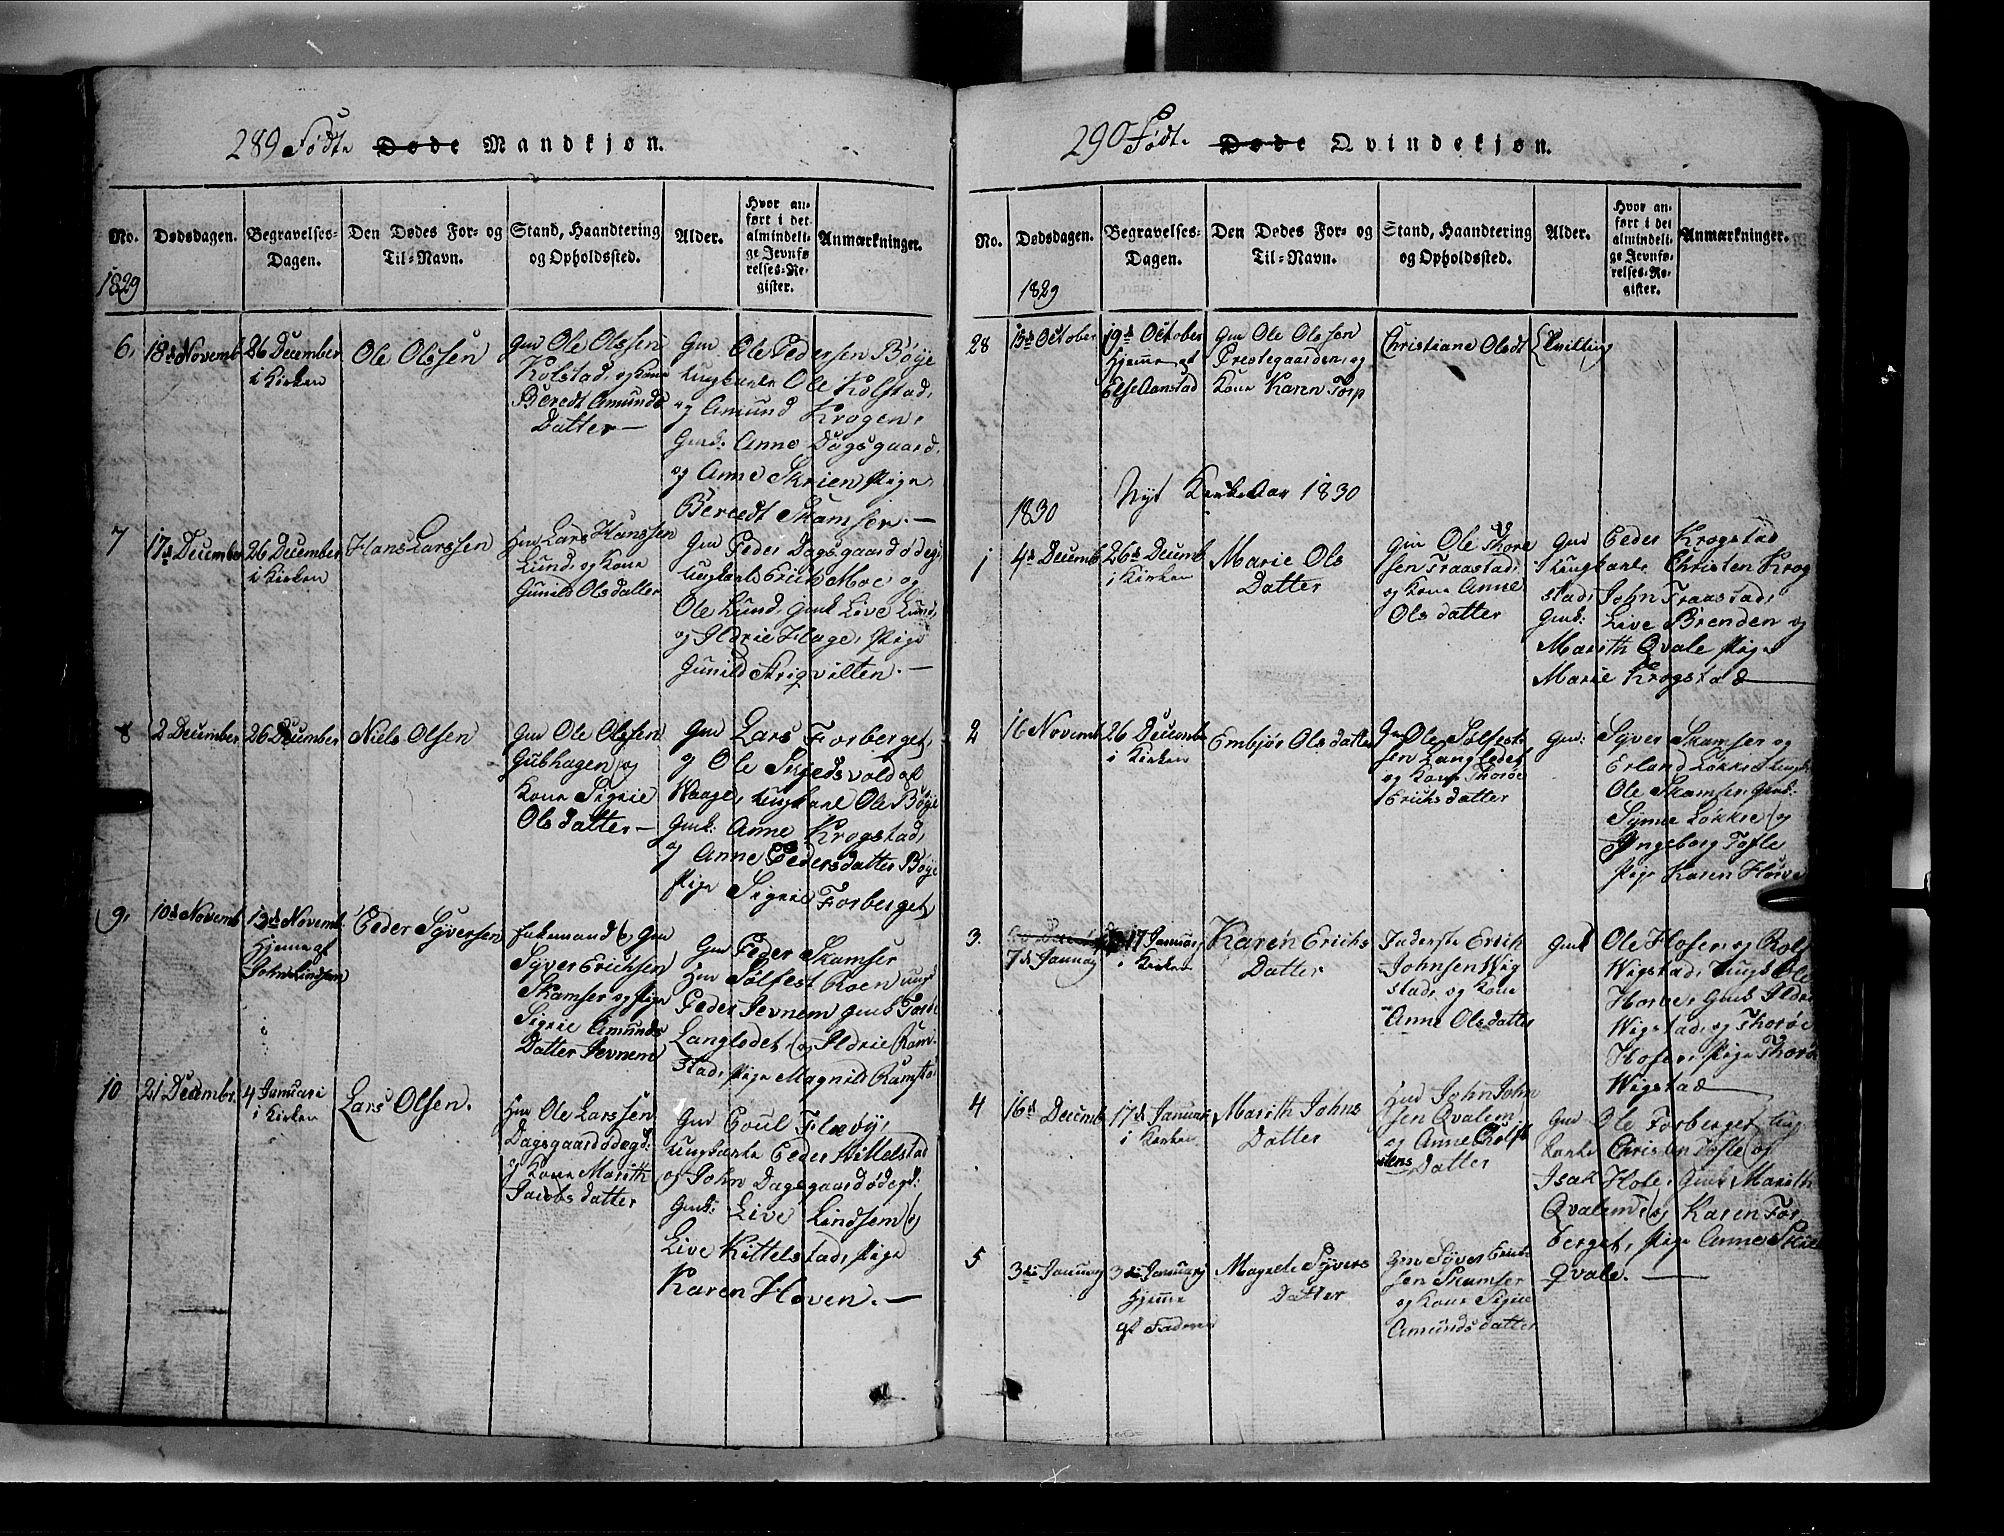 SAH, Lom prestekontor, L/L0003: Klokkerbok nr. 3, 1815-1844, s. 289-290